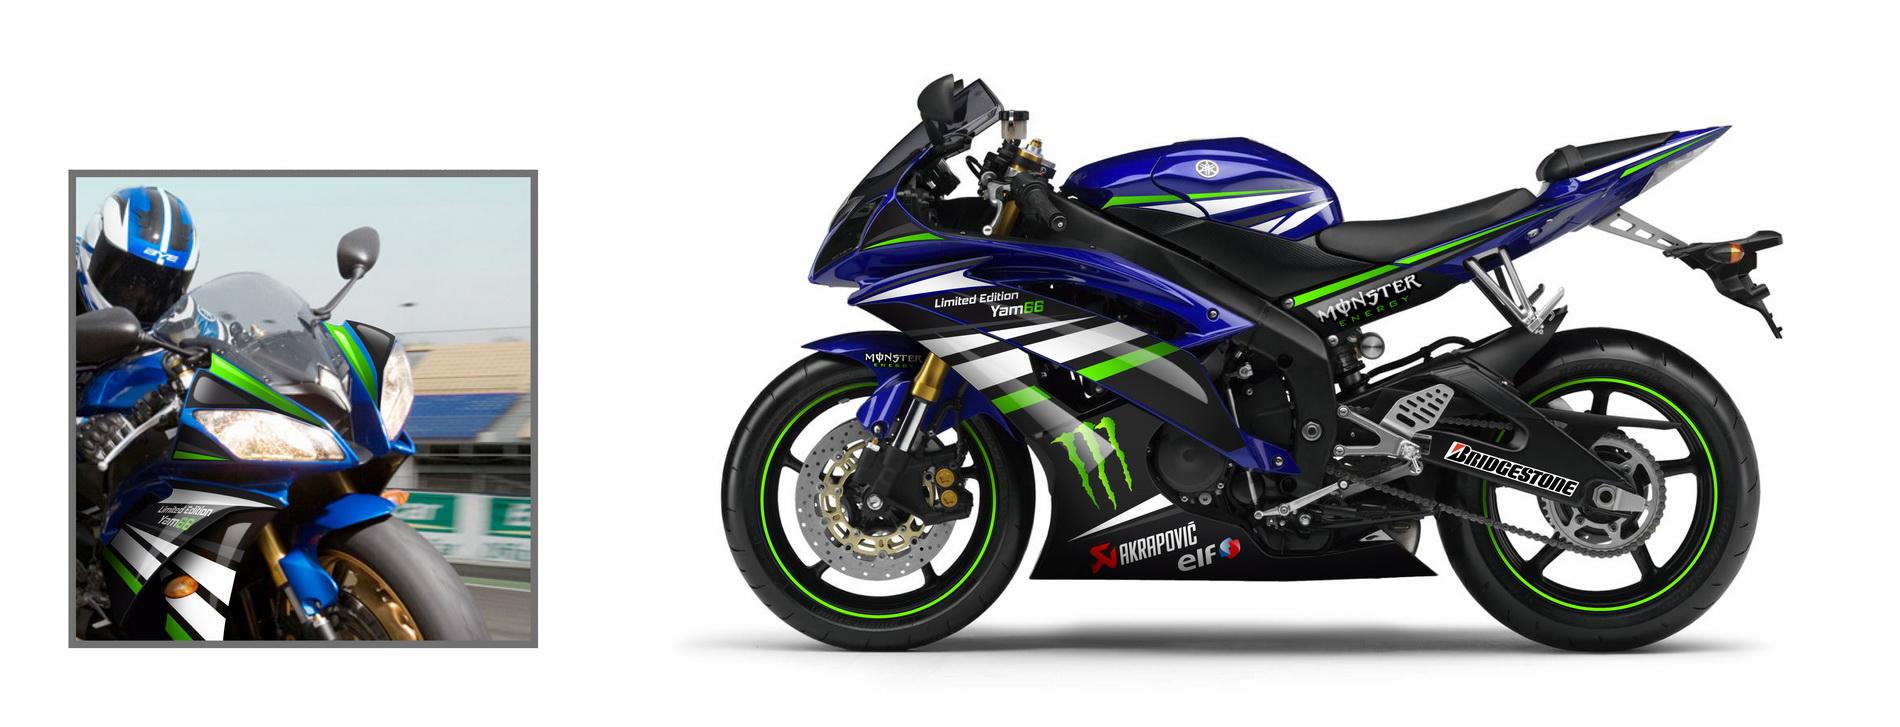 Kit déco idgrafix pour concession Yam66 \u2013 Yamaha R6 Monster energy